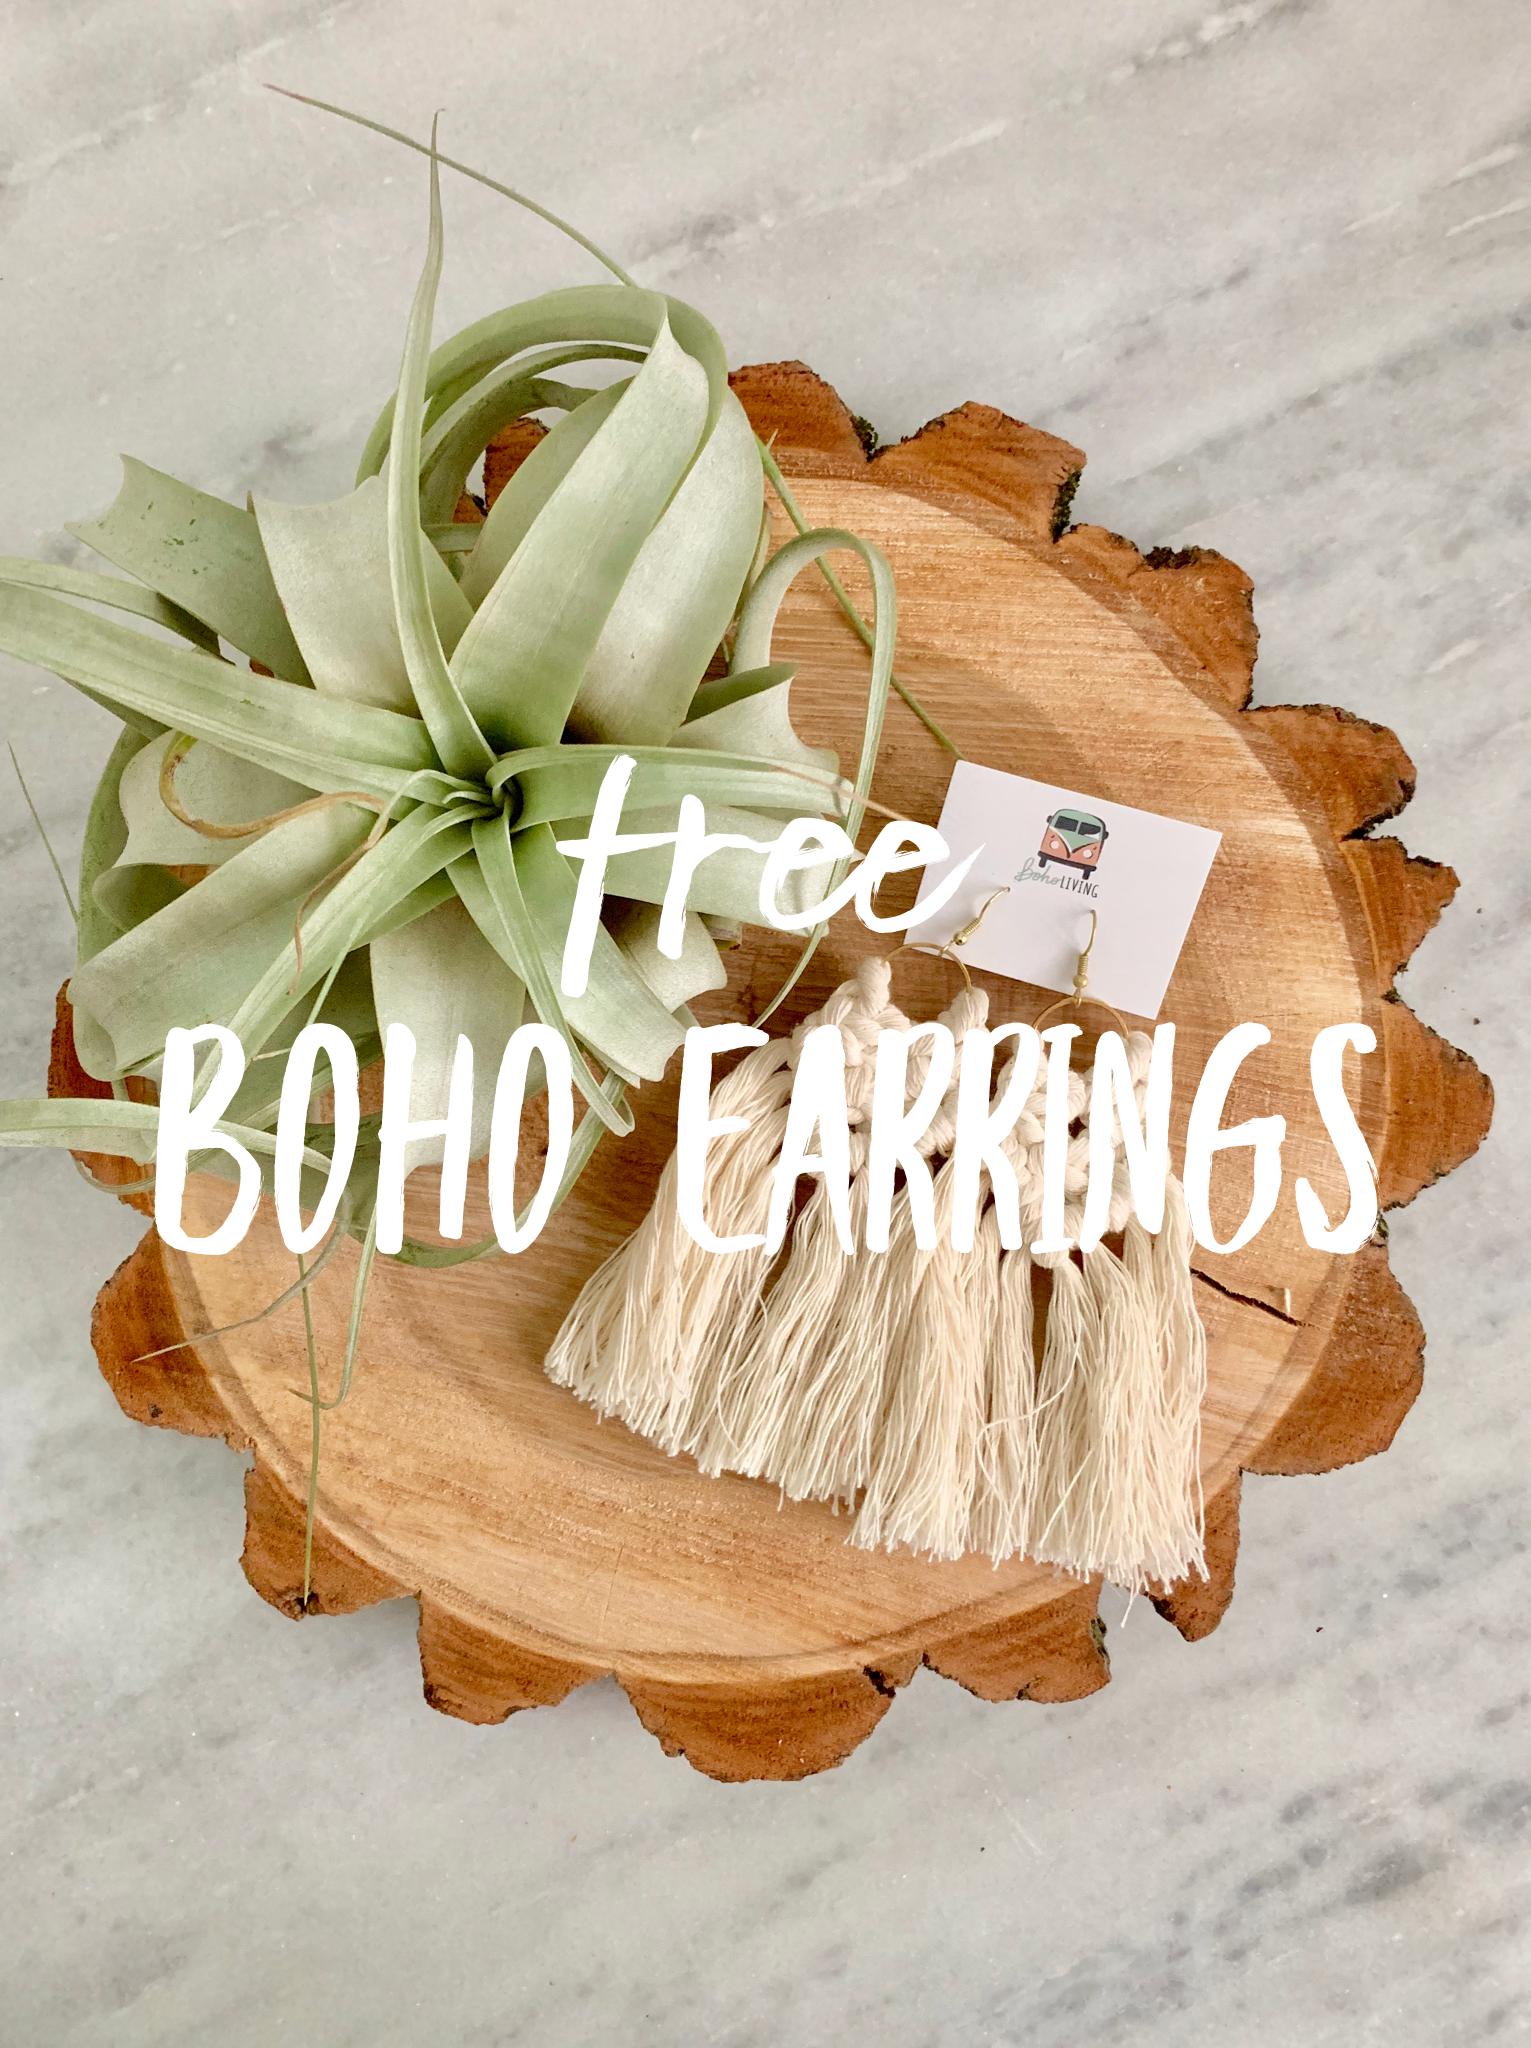 boholiving-free-earrings.PNG